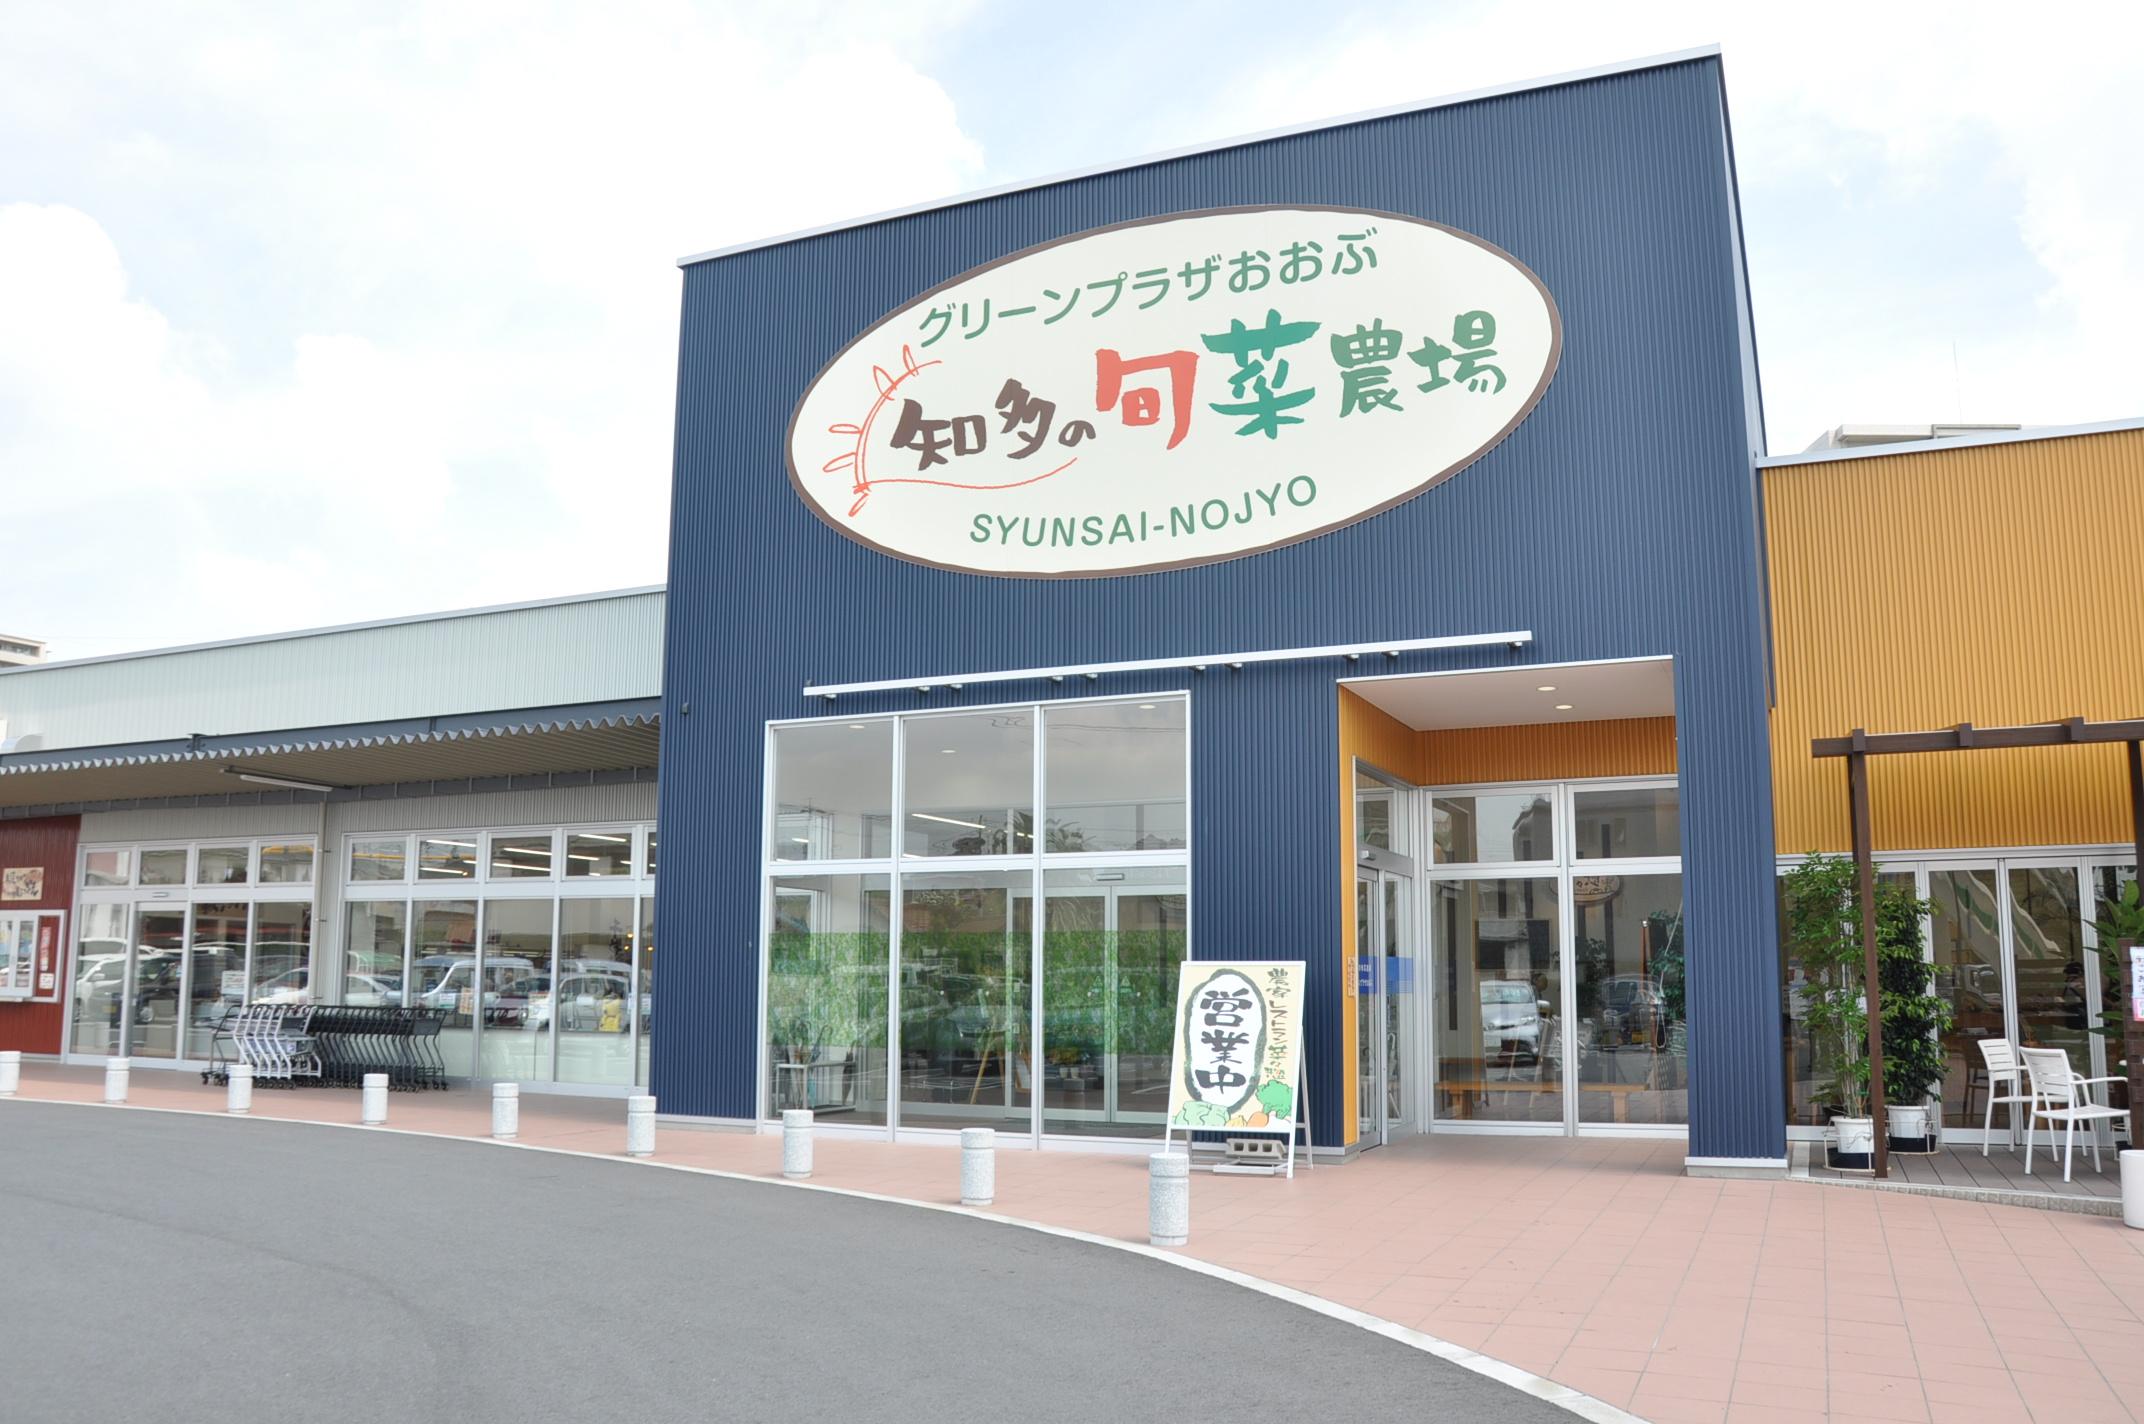 グリーンプラザおおぶ(知多の旬菜農場)の写真